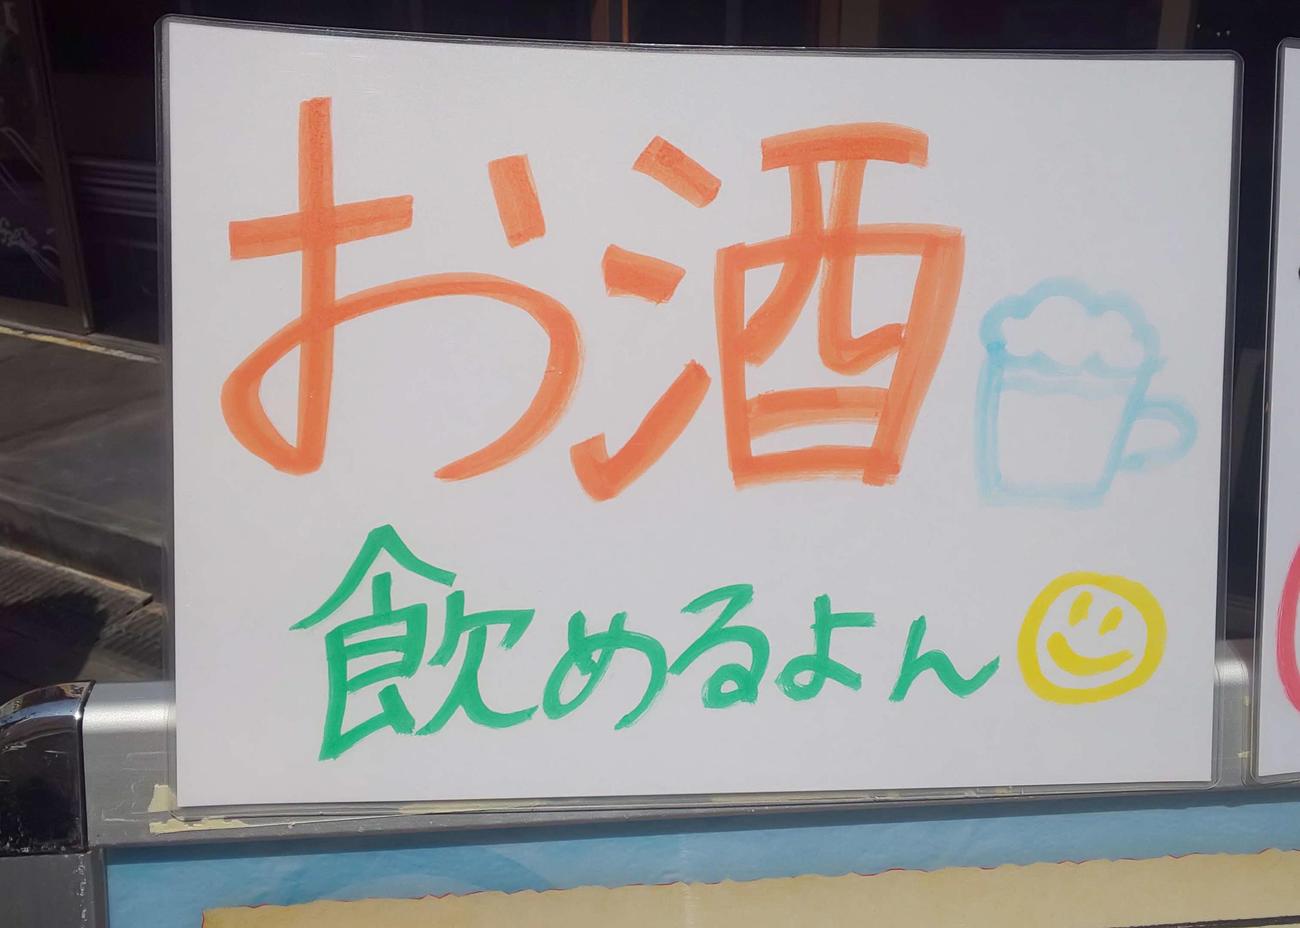 大阪市浪速区の繁華街・新世界では店先に「お酒飲めるよん」の貼り紙も(撮影・松浦隆司)